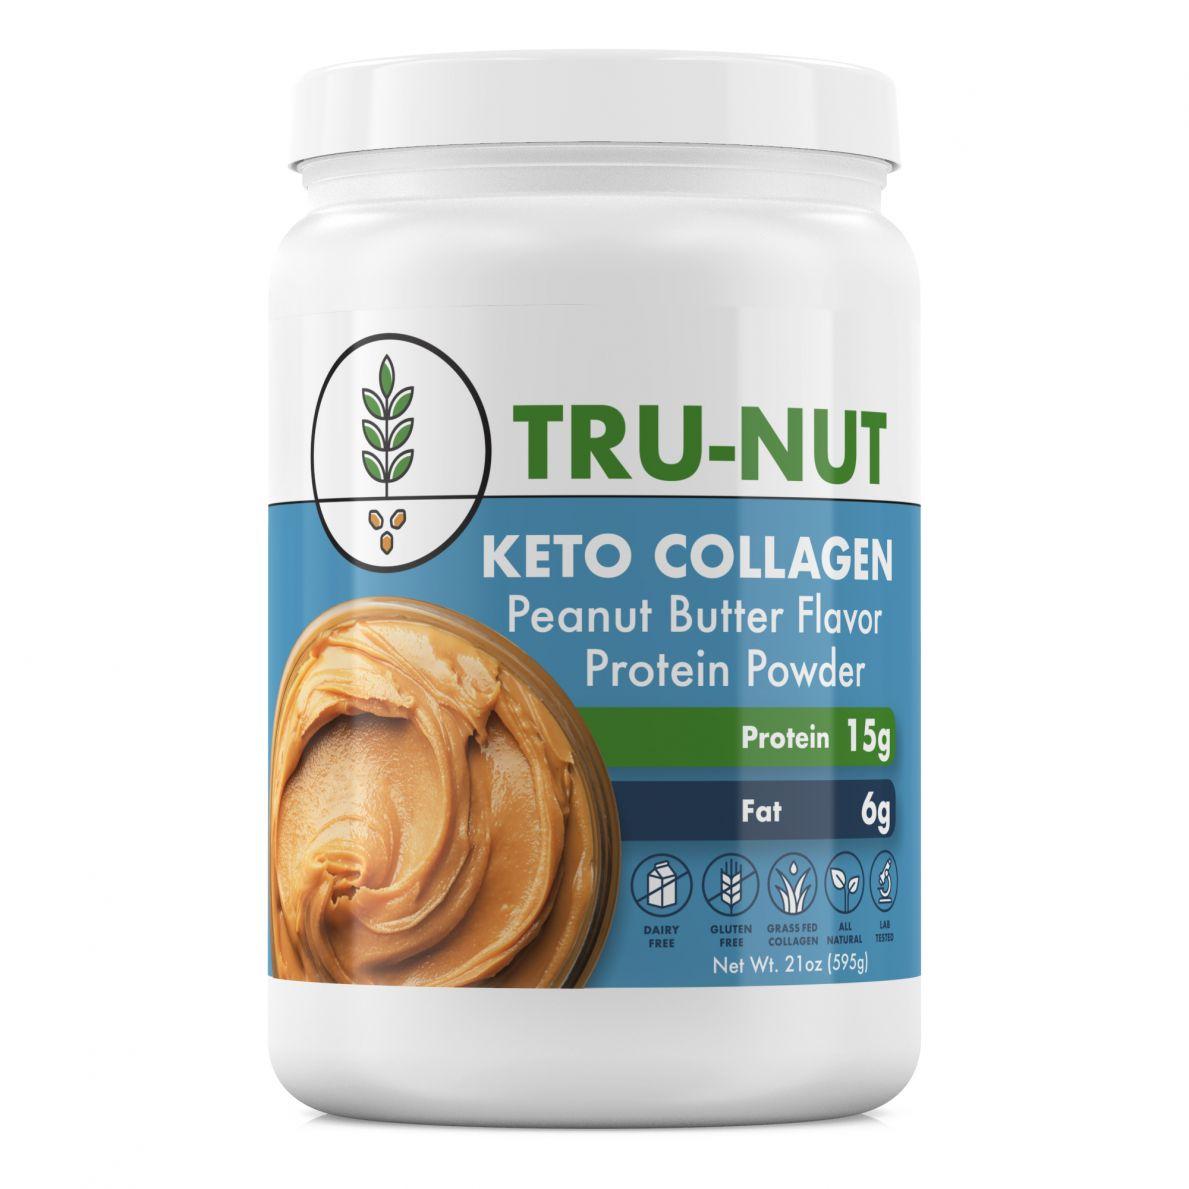 Tru-Nut Keto Collagen Protein Powder